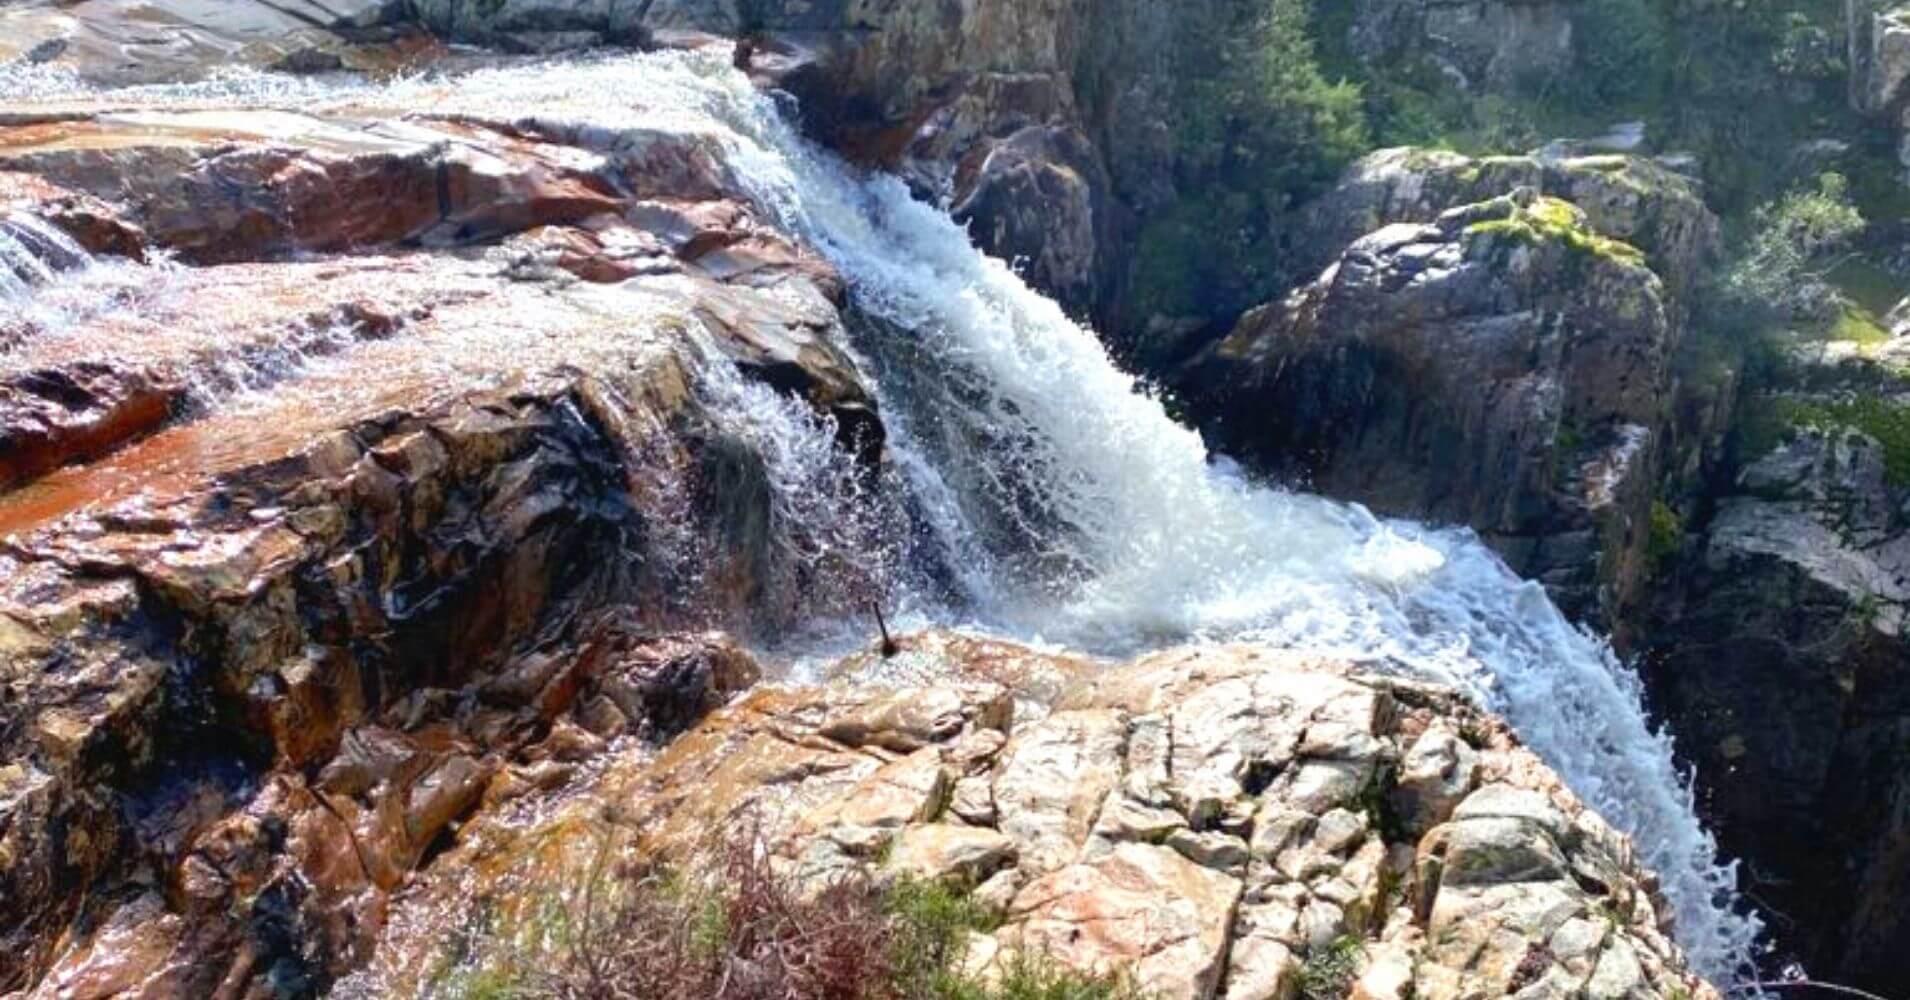 Cascada de La Batanera, Fuencaliente, Ciudad Real. Castilla La Mancha.